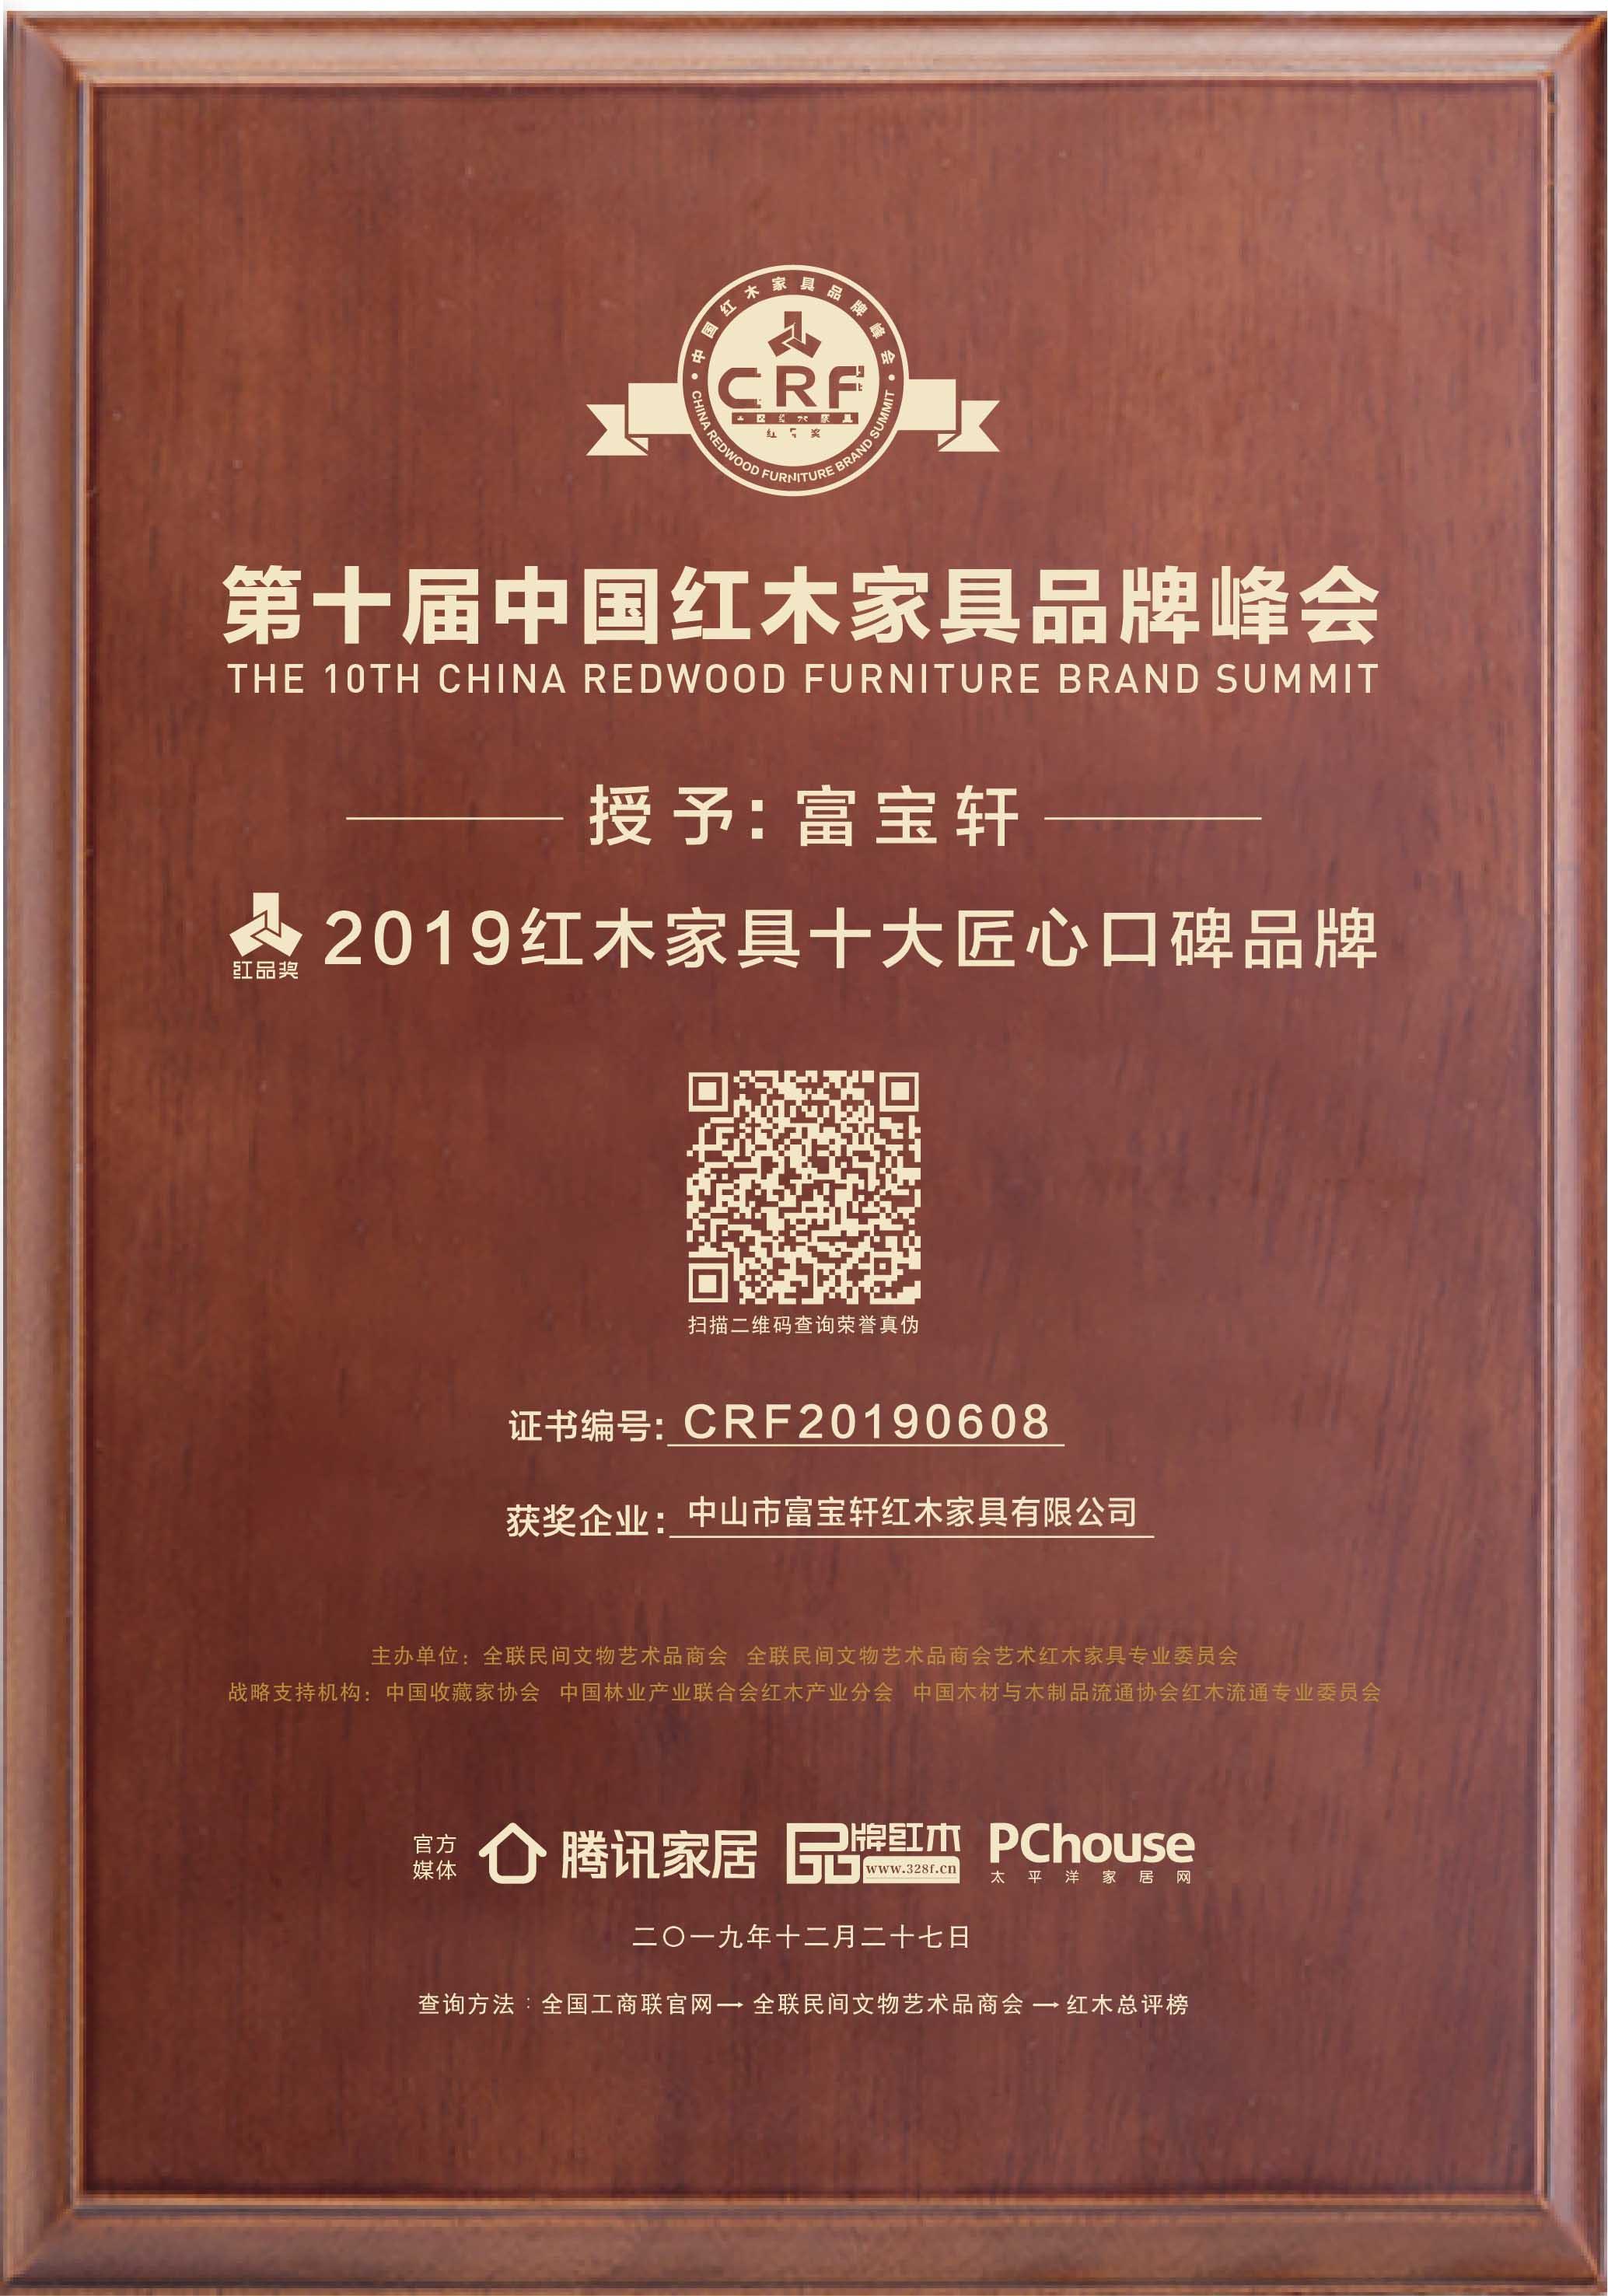 2019红木家具十大匠心口碑品牌